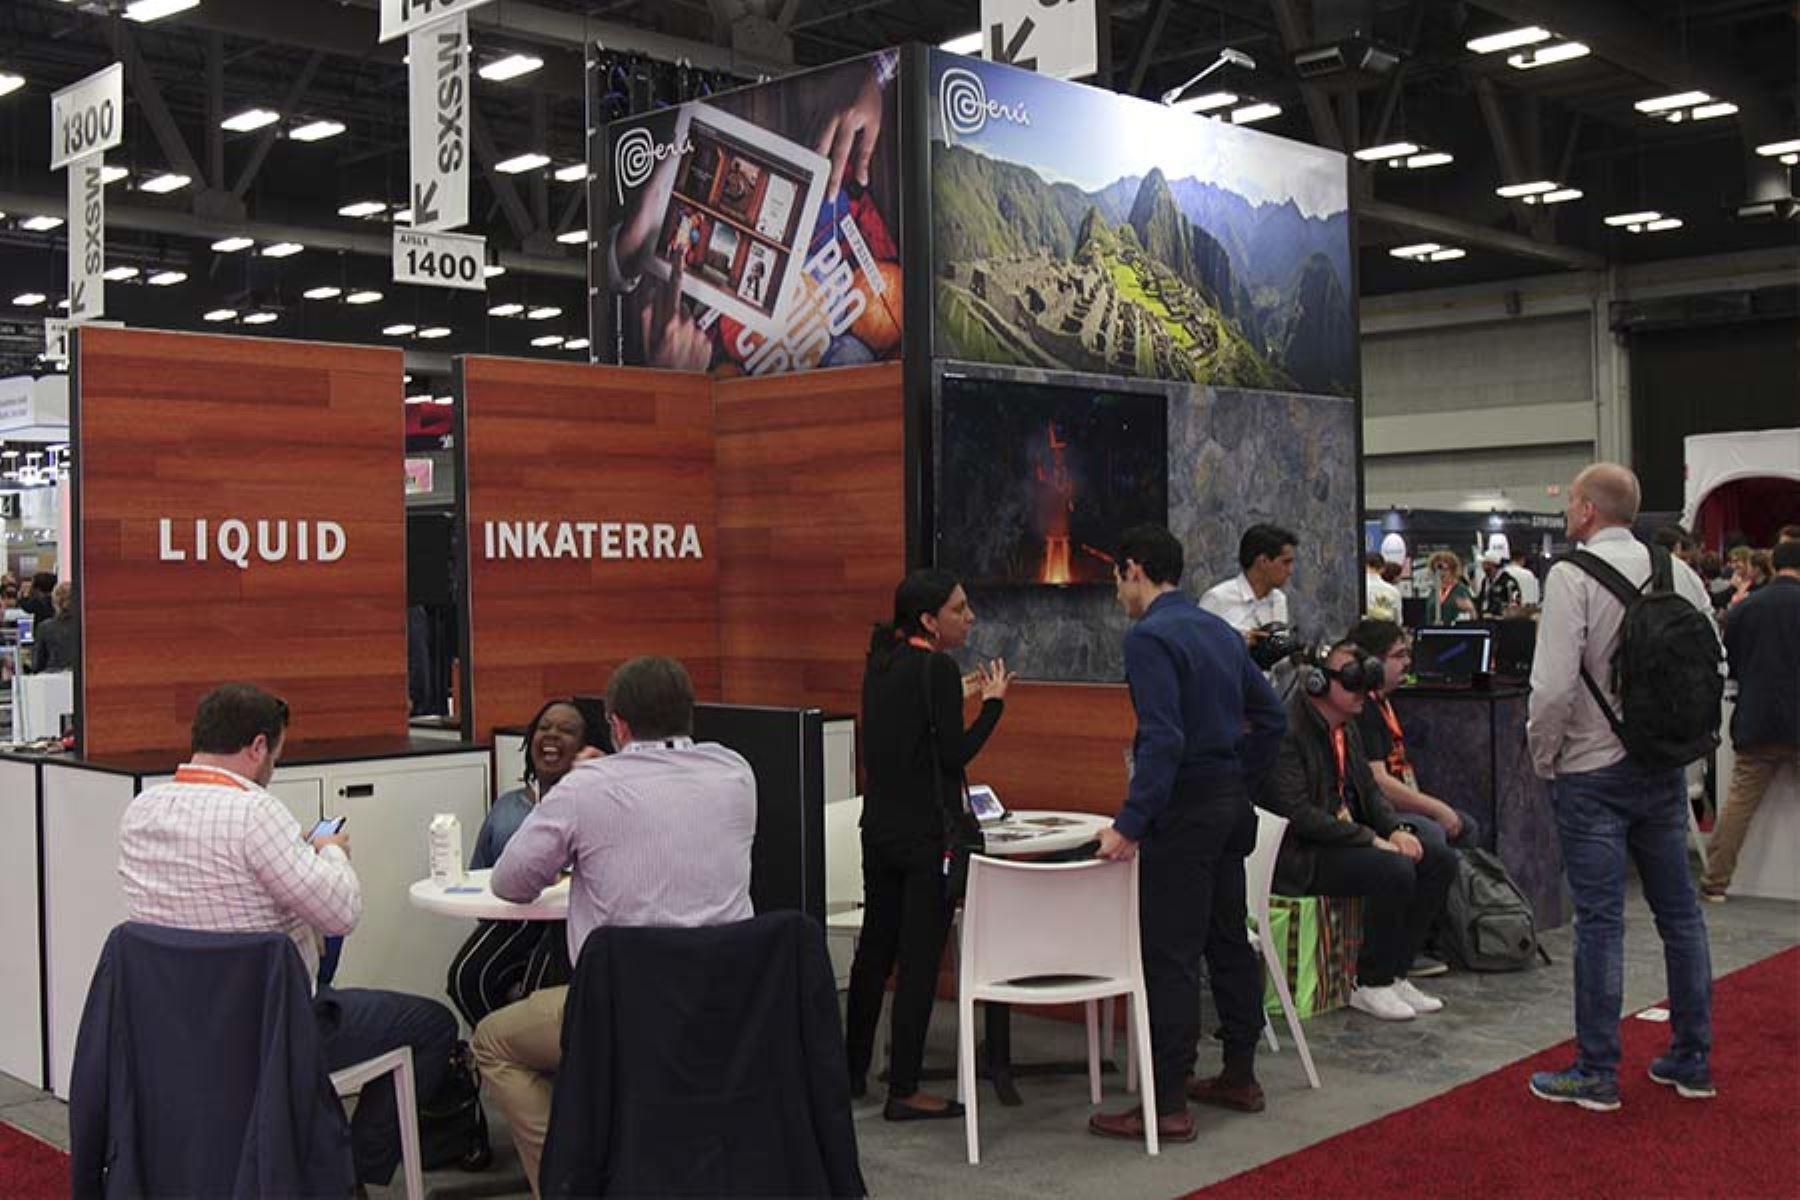 """El estand de Marca Perú destaca diez """"startups"""" y empresas peruanas con proyectos de innovación en el festival de cine y tecnología SXSW, en Austin, Texas.  Foto: Promperú."""